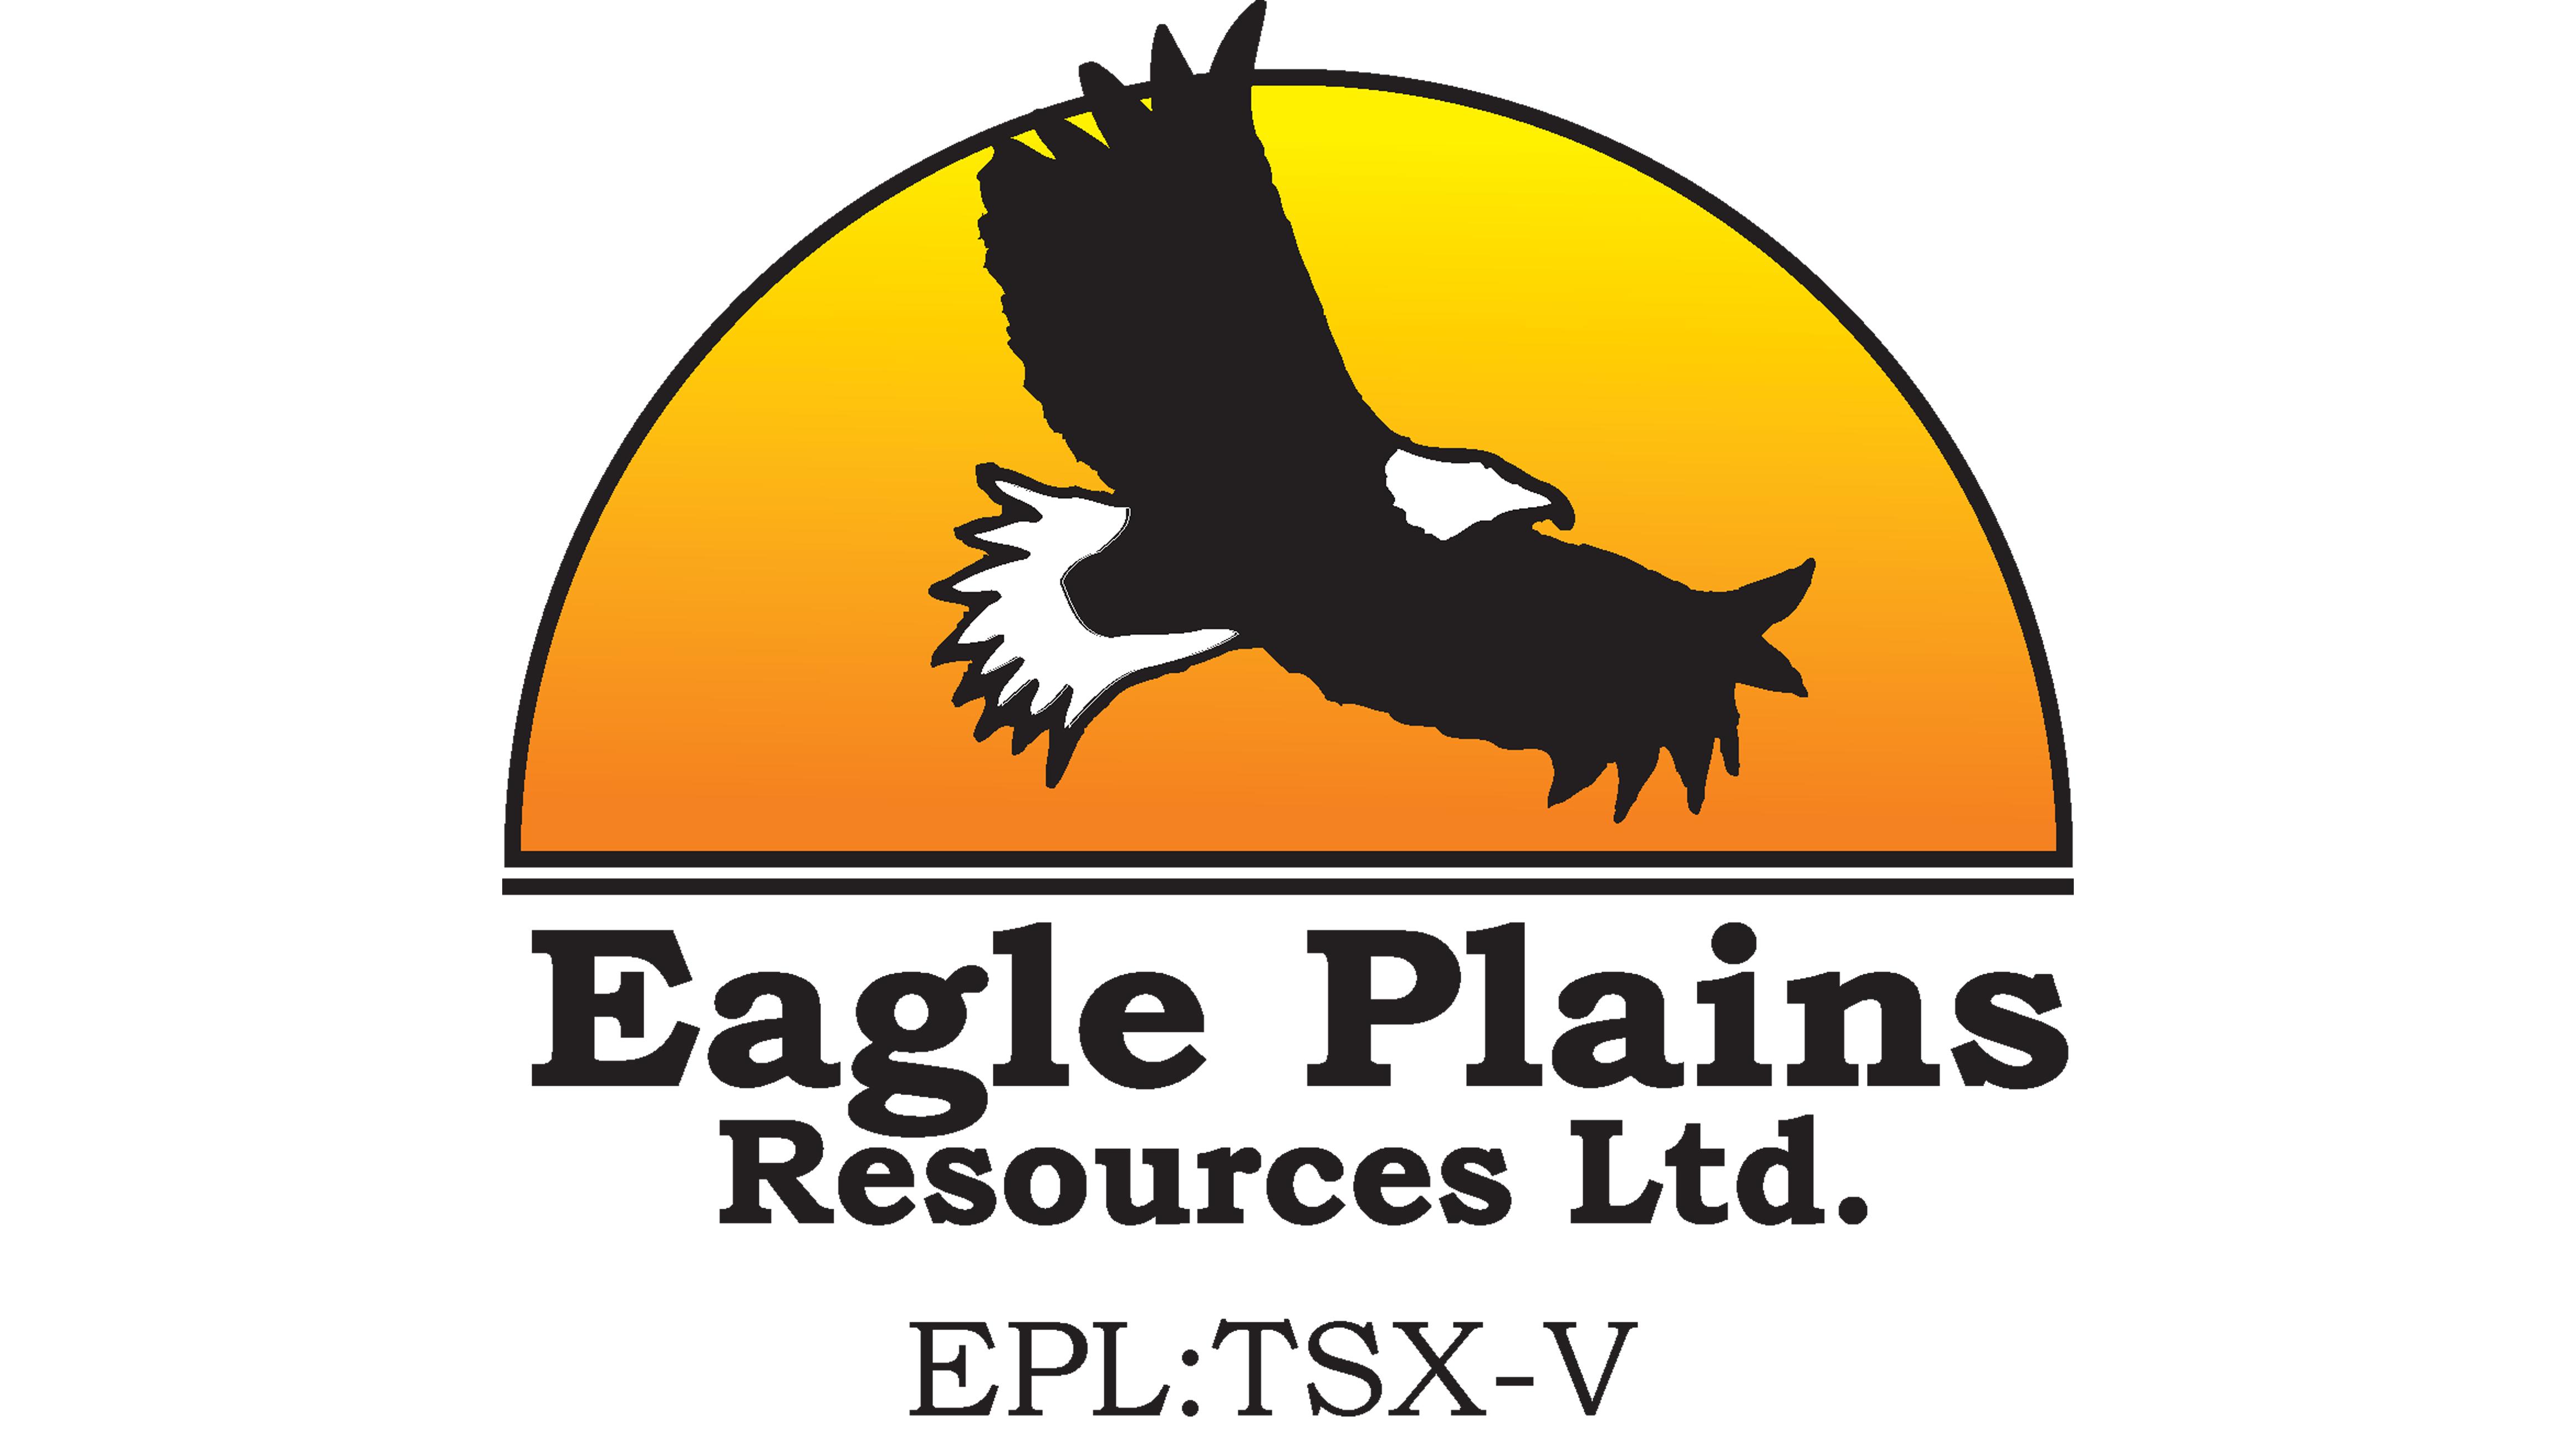 Eagle Plains' Partner Rockridge Resources Intersects 1.95% Cu, 0.11 g/t Au, 7.41 g/t Ag, 0.53% Zn and 0.02% Co (2.34% CuEq) over 14.02m at Knife Lake Copper Project, Saskatchewan